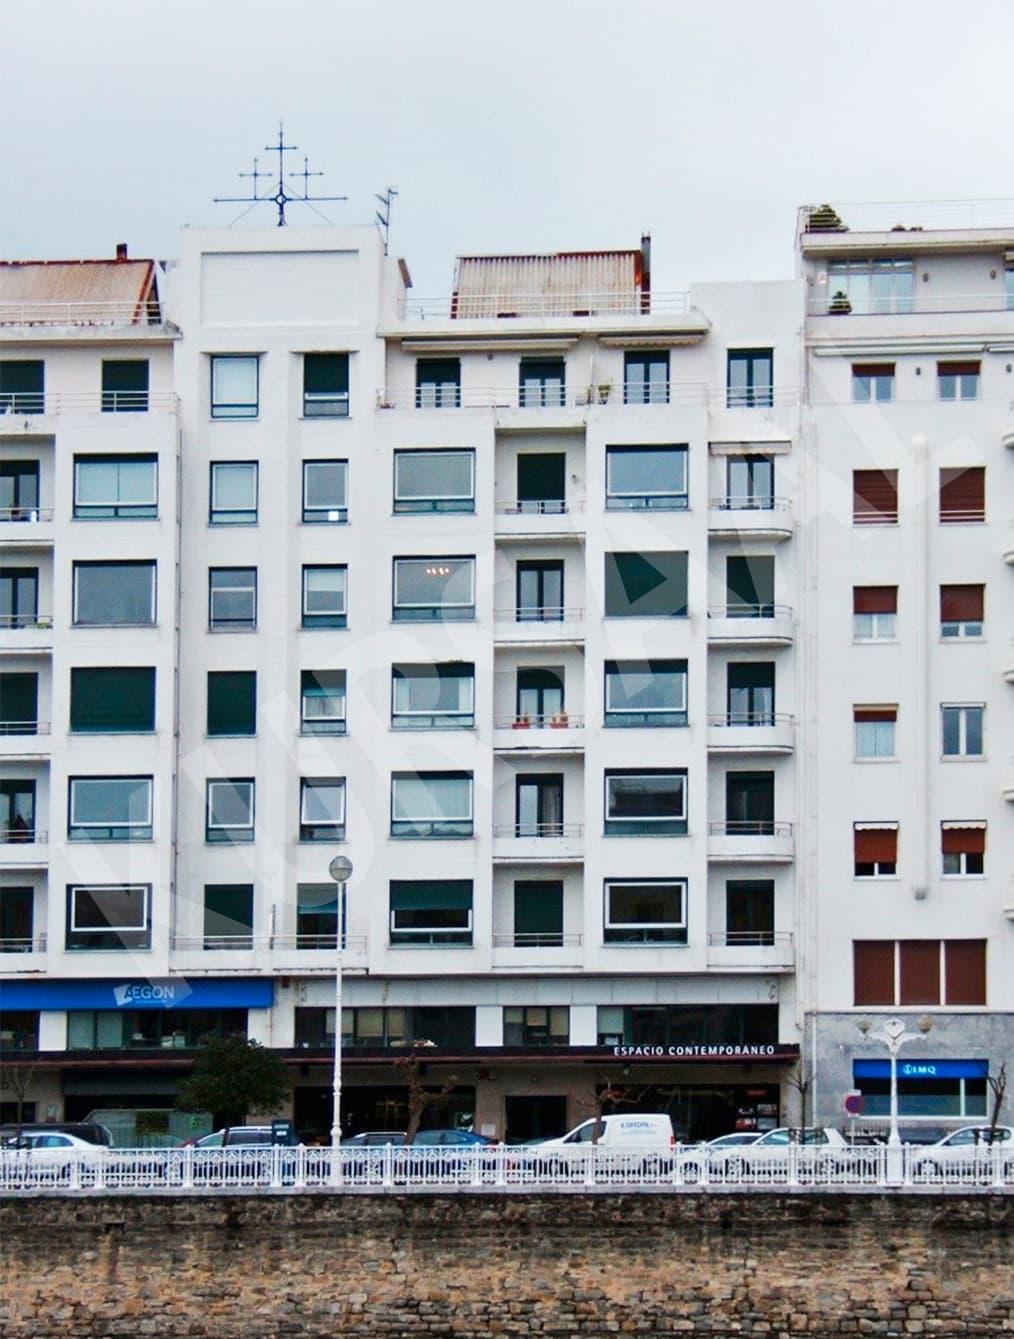 foto 9 - Aislamientos Térmicos y Eficiencia Energética-Ramón María Lili 8-9-DONOSTIA, GIPUZKOA